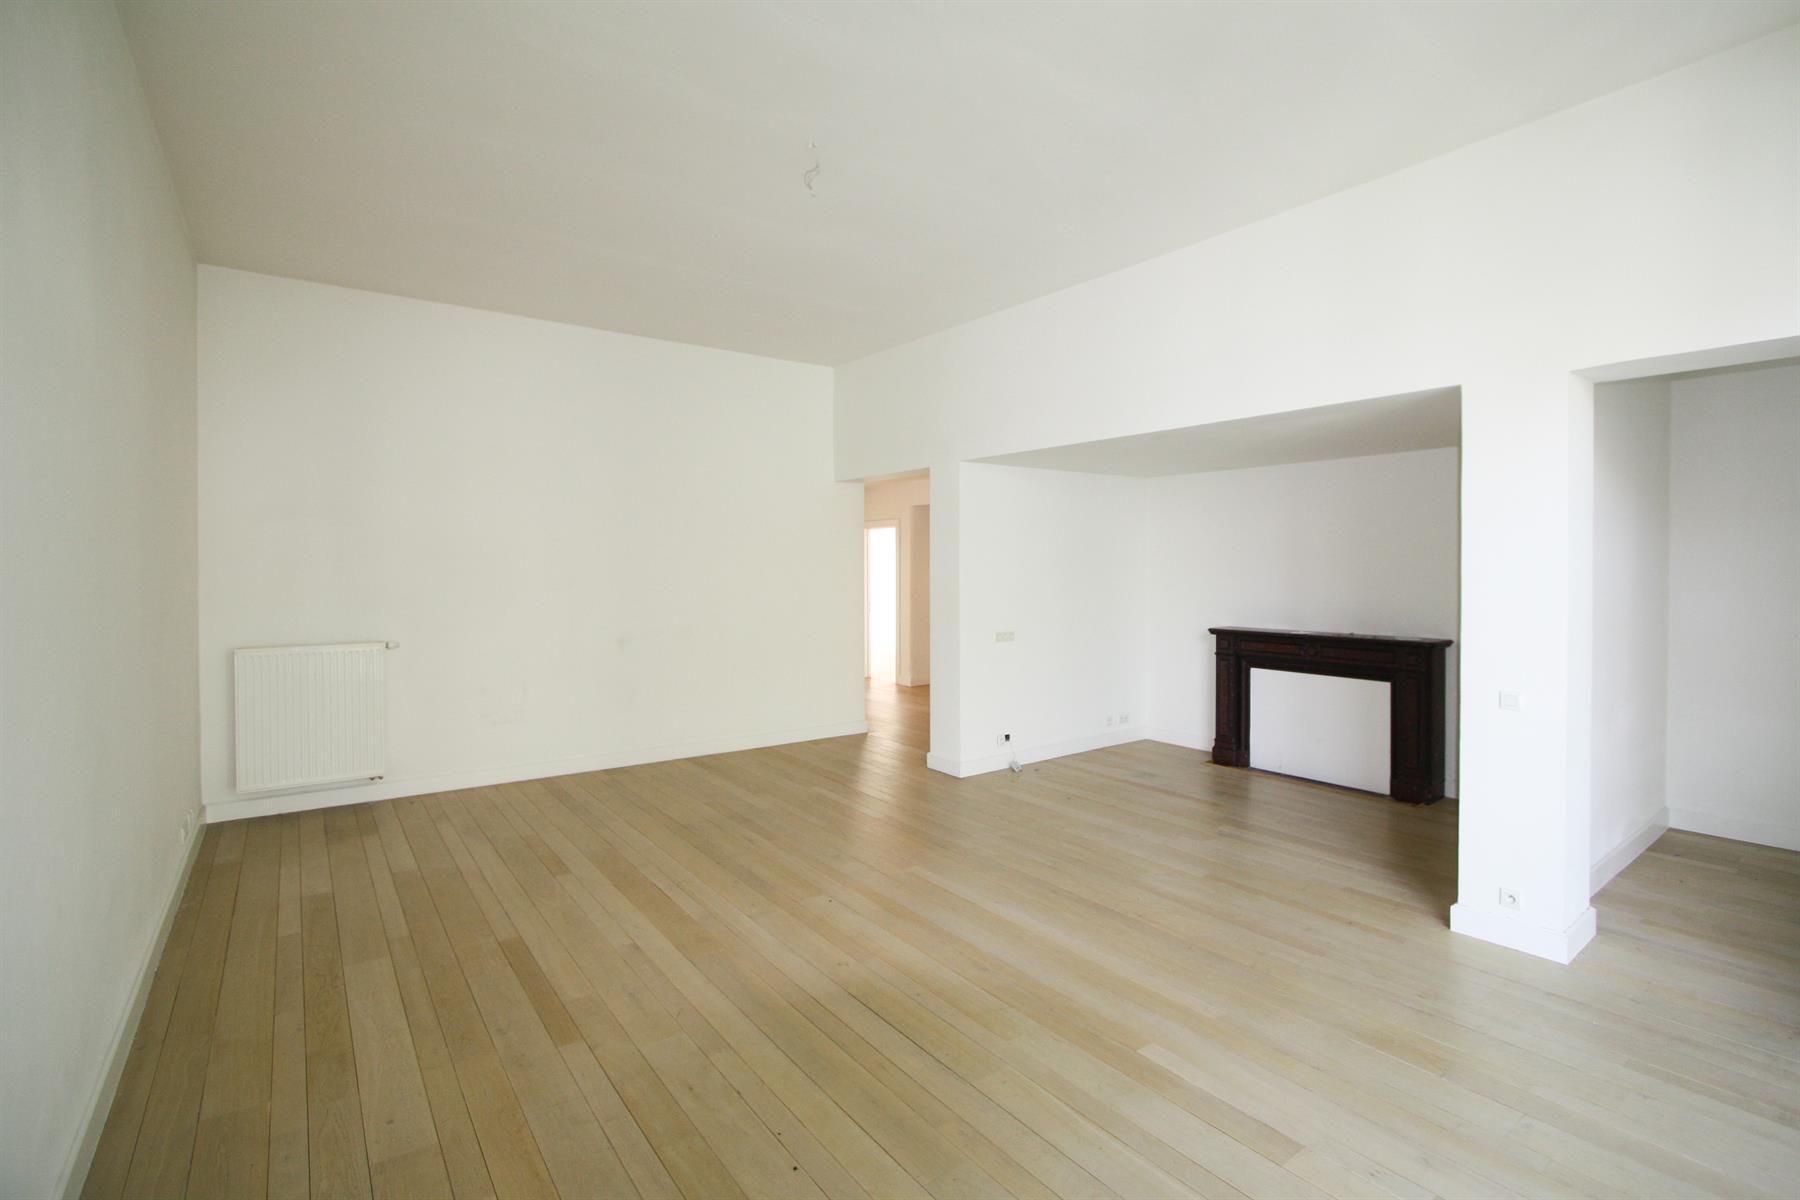 Appartement - Ixelles - #4419713-4